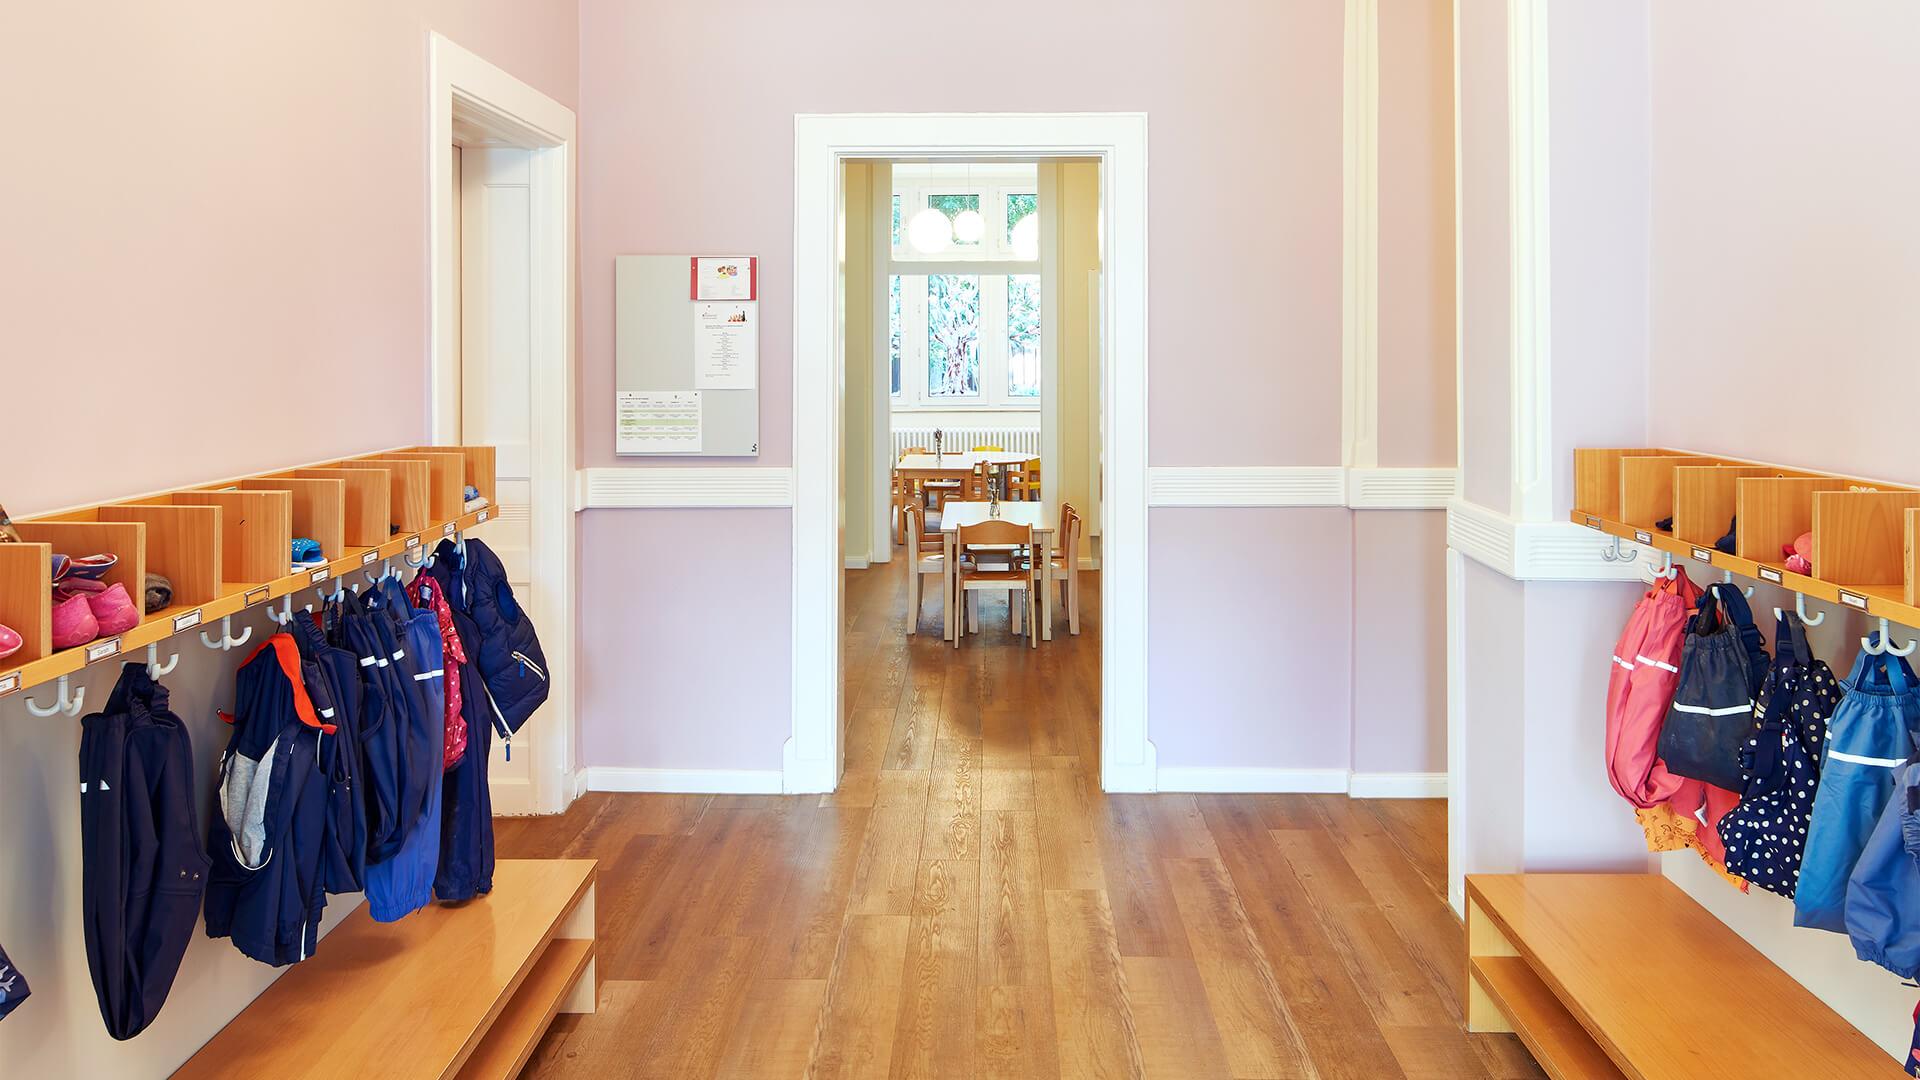 Freundlicher Eingangsbereich mit Jacken von vielen Kindern an den Wänden